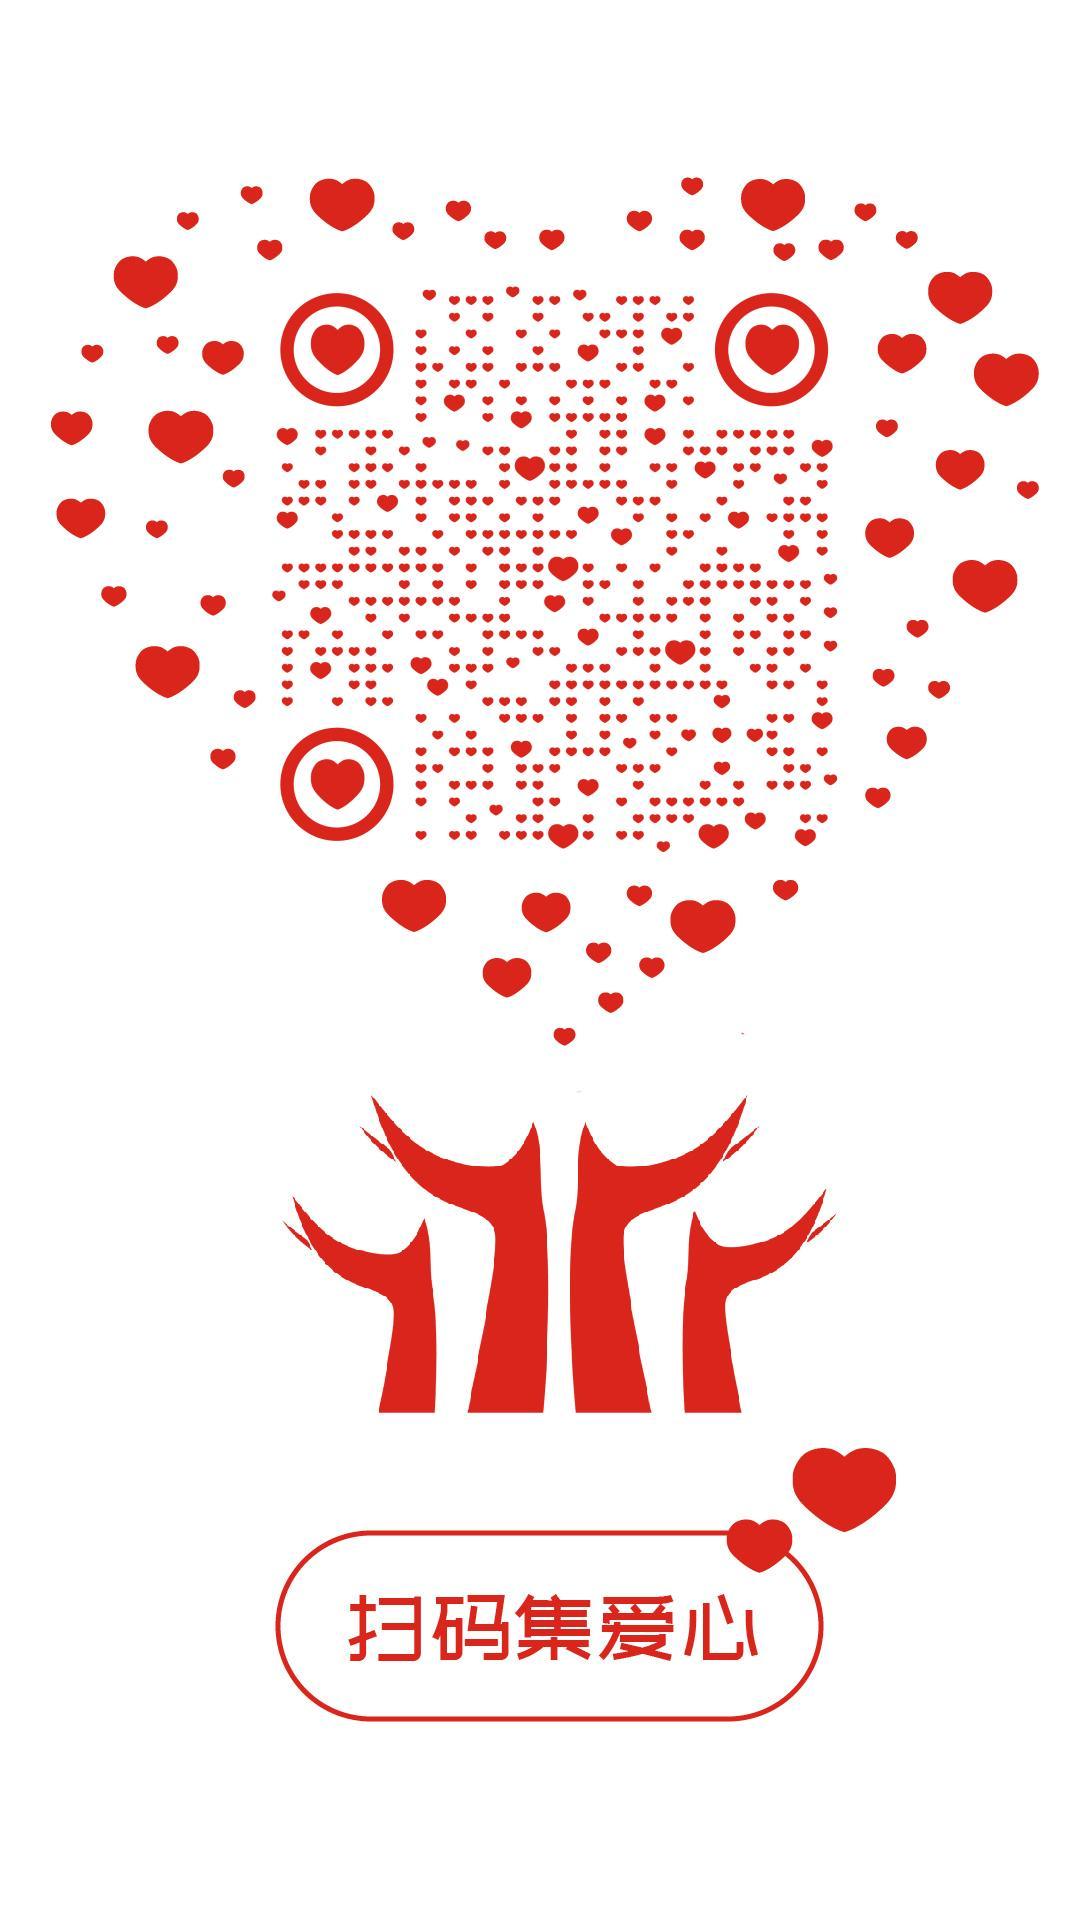 聚爱心 艺术二维码